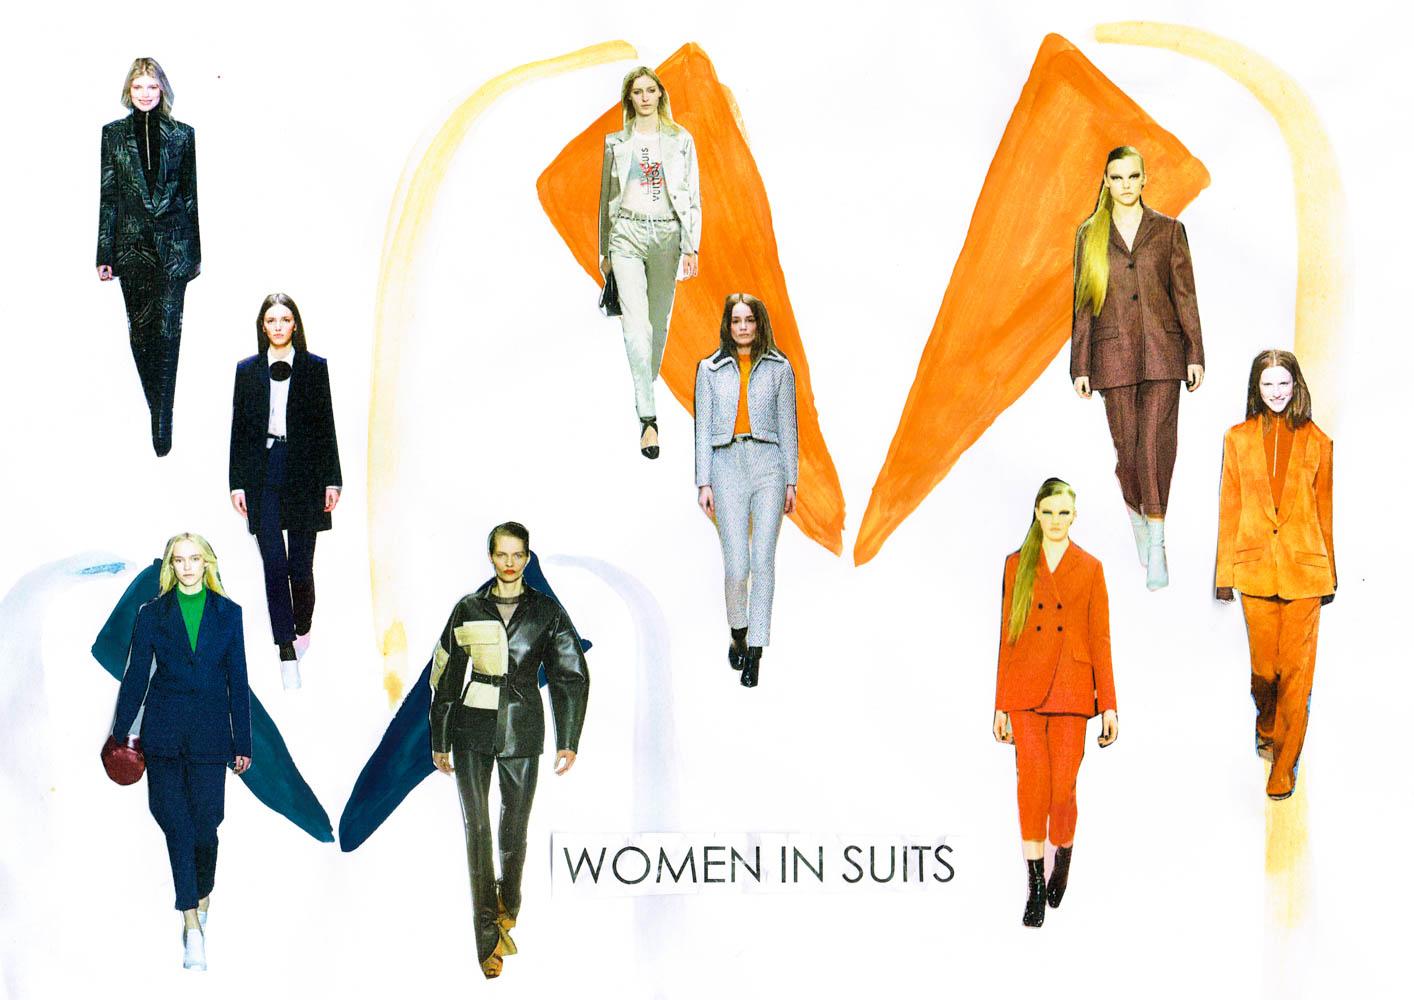 paris fashion week runway tendencies patchwork green suits-2